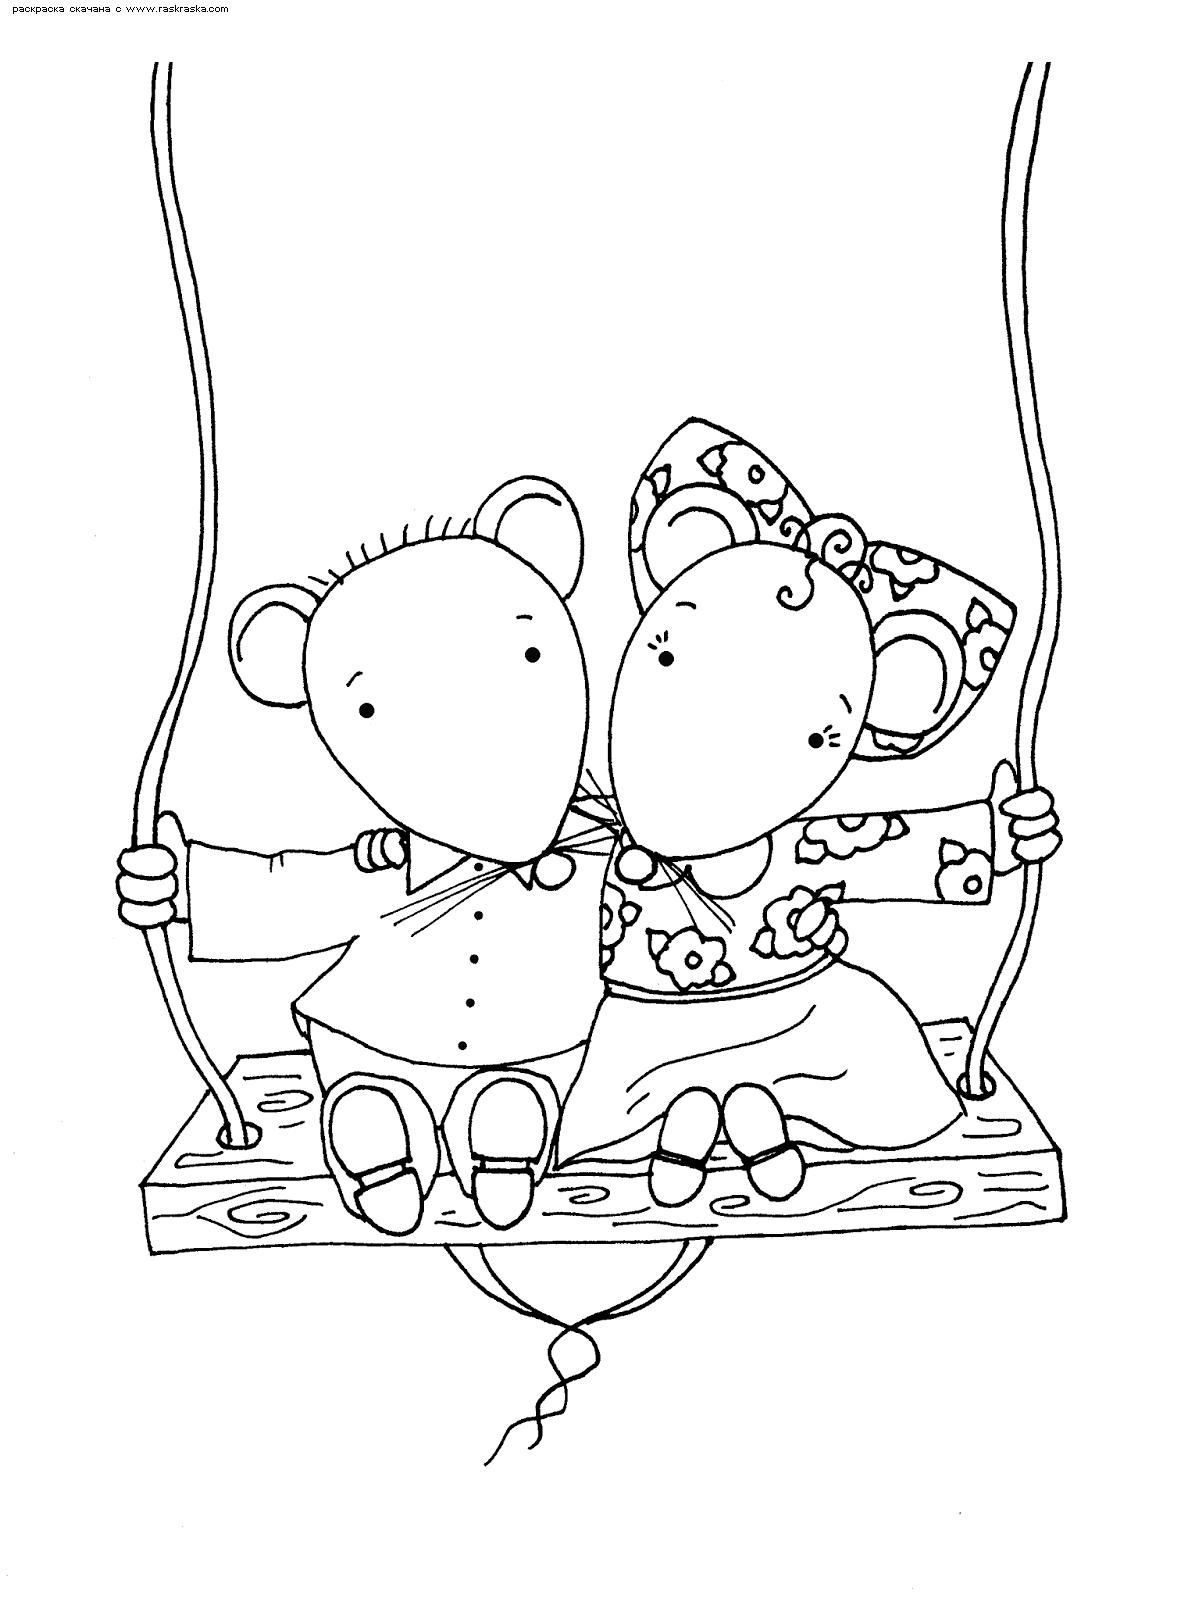 Раскраска Мышки на качелях. Раскраска мышка, мышь, крыса